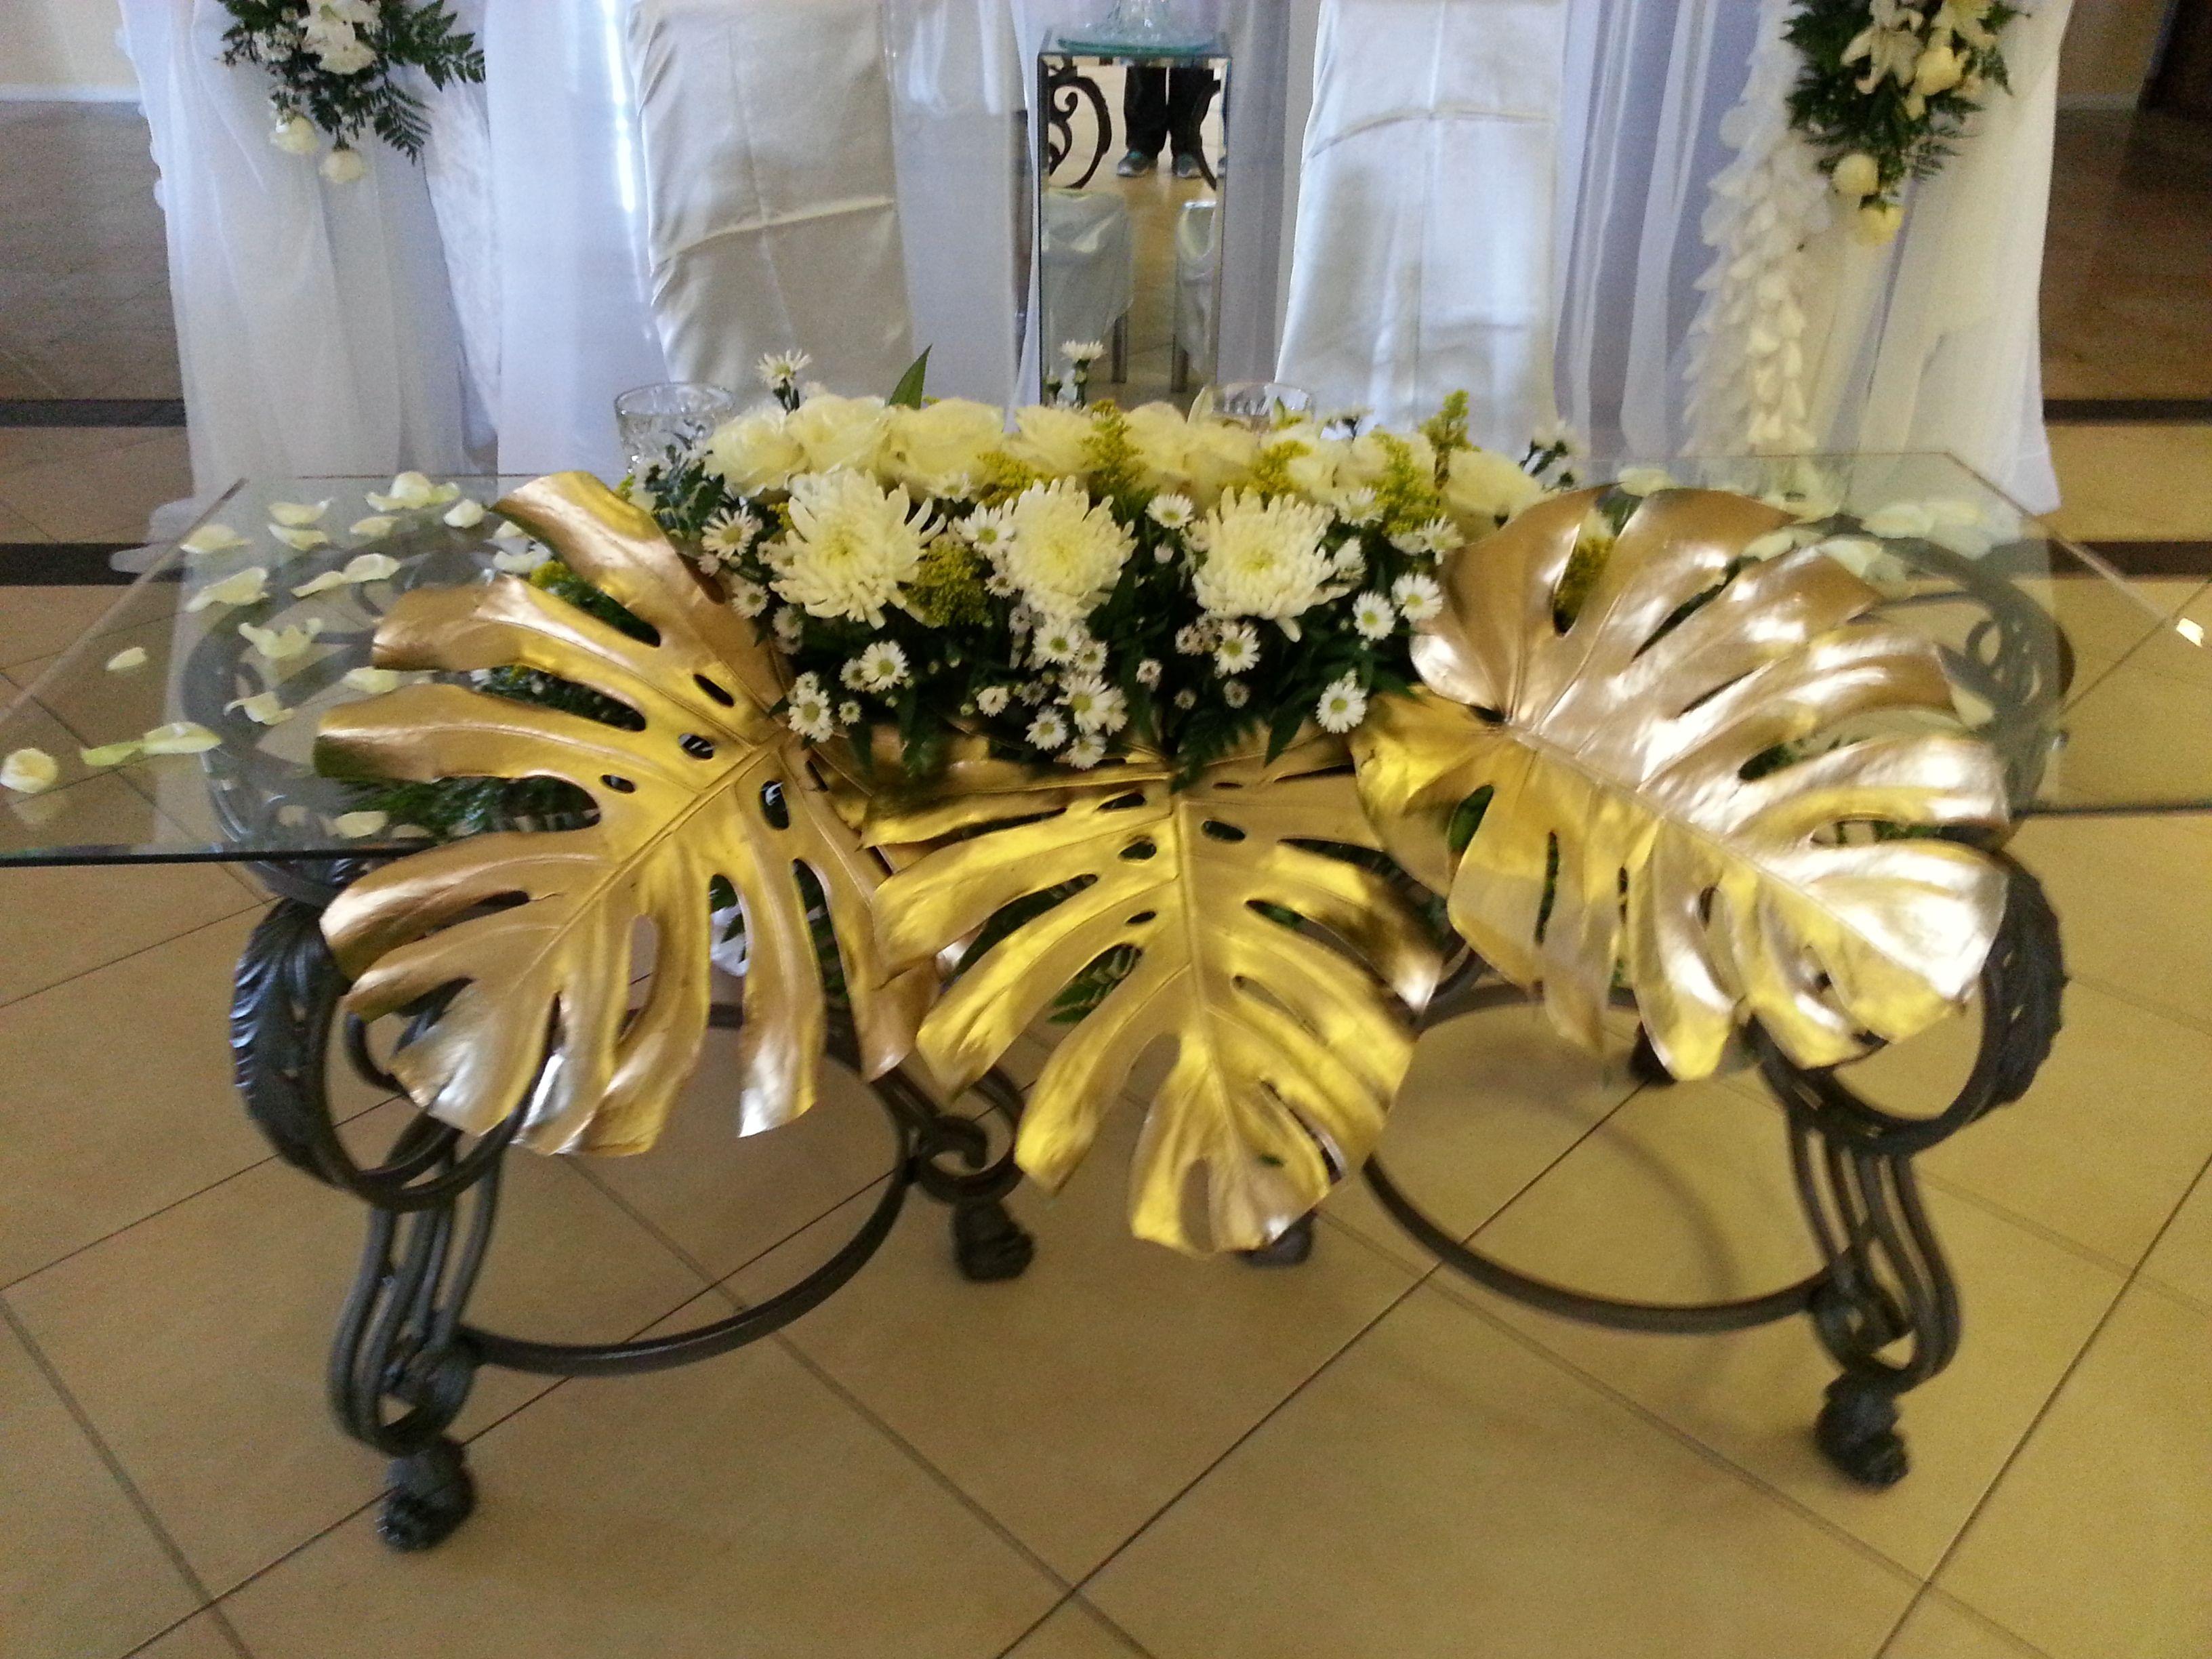 Mesa Principal De Novios Decorado Por Libelula Creaciones Flower Shop En Mission Texas Table Decorations Decor Ceiling Lights